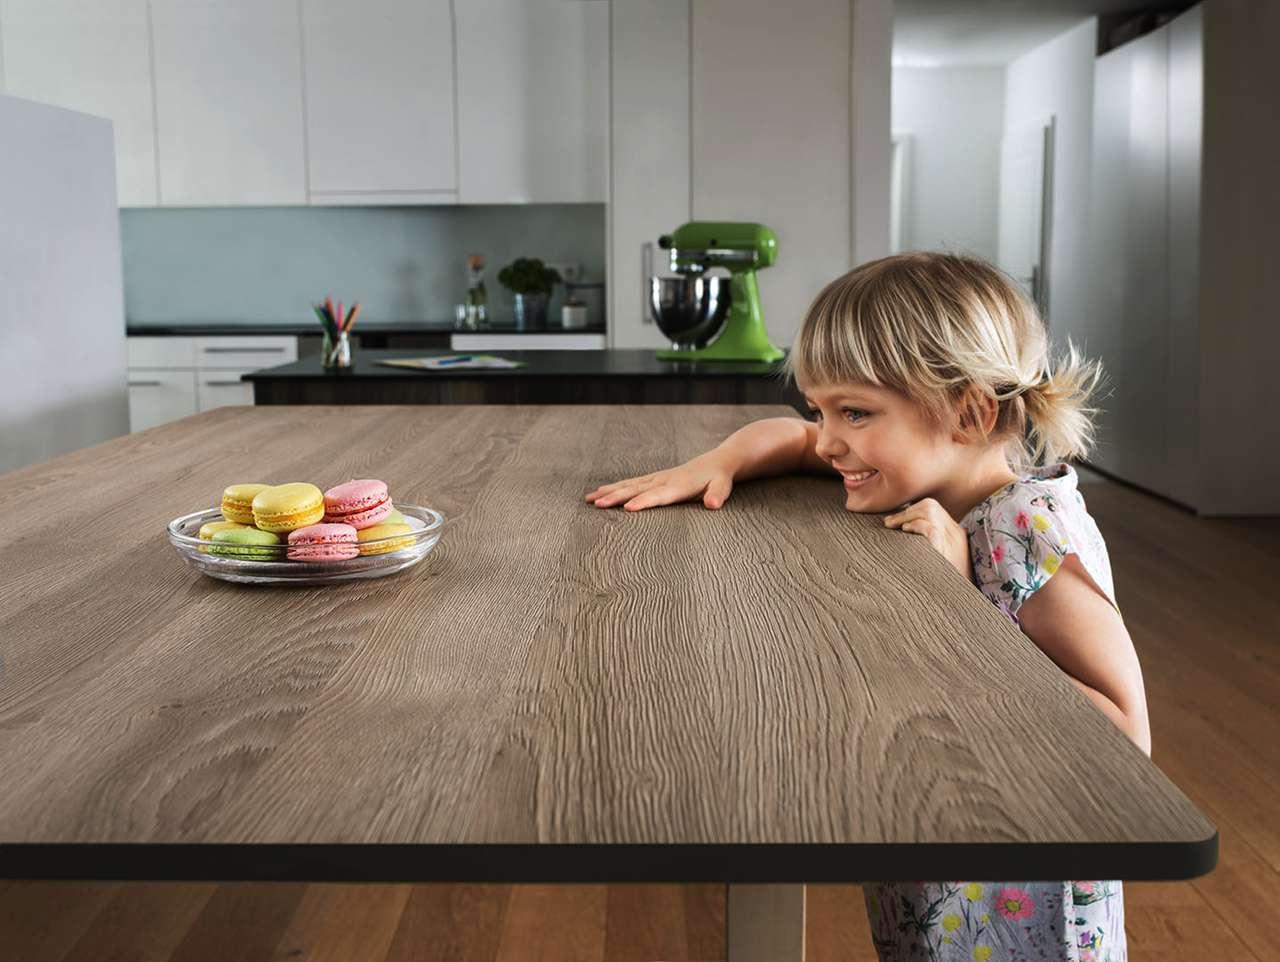 b trendigen grautonen eine arbeitsplatte in sehr authentisch und wohnlich wirkender massivholz optik wie hier klassisch geplankt im trendmaterial no